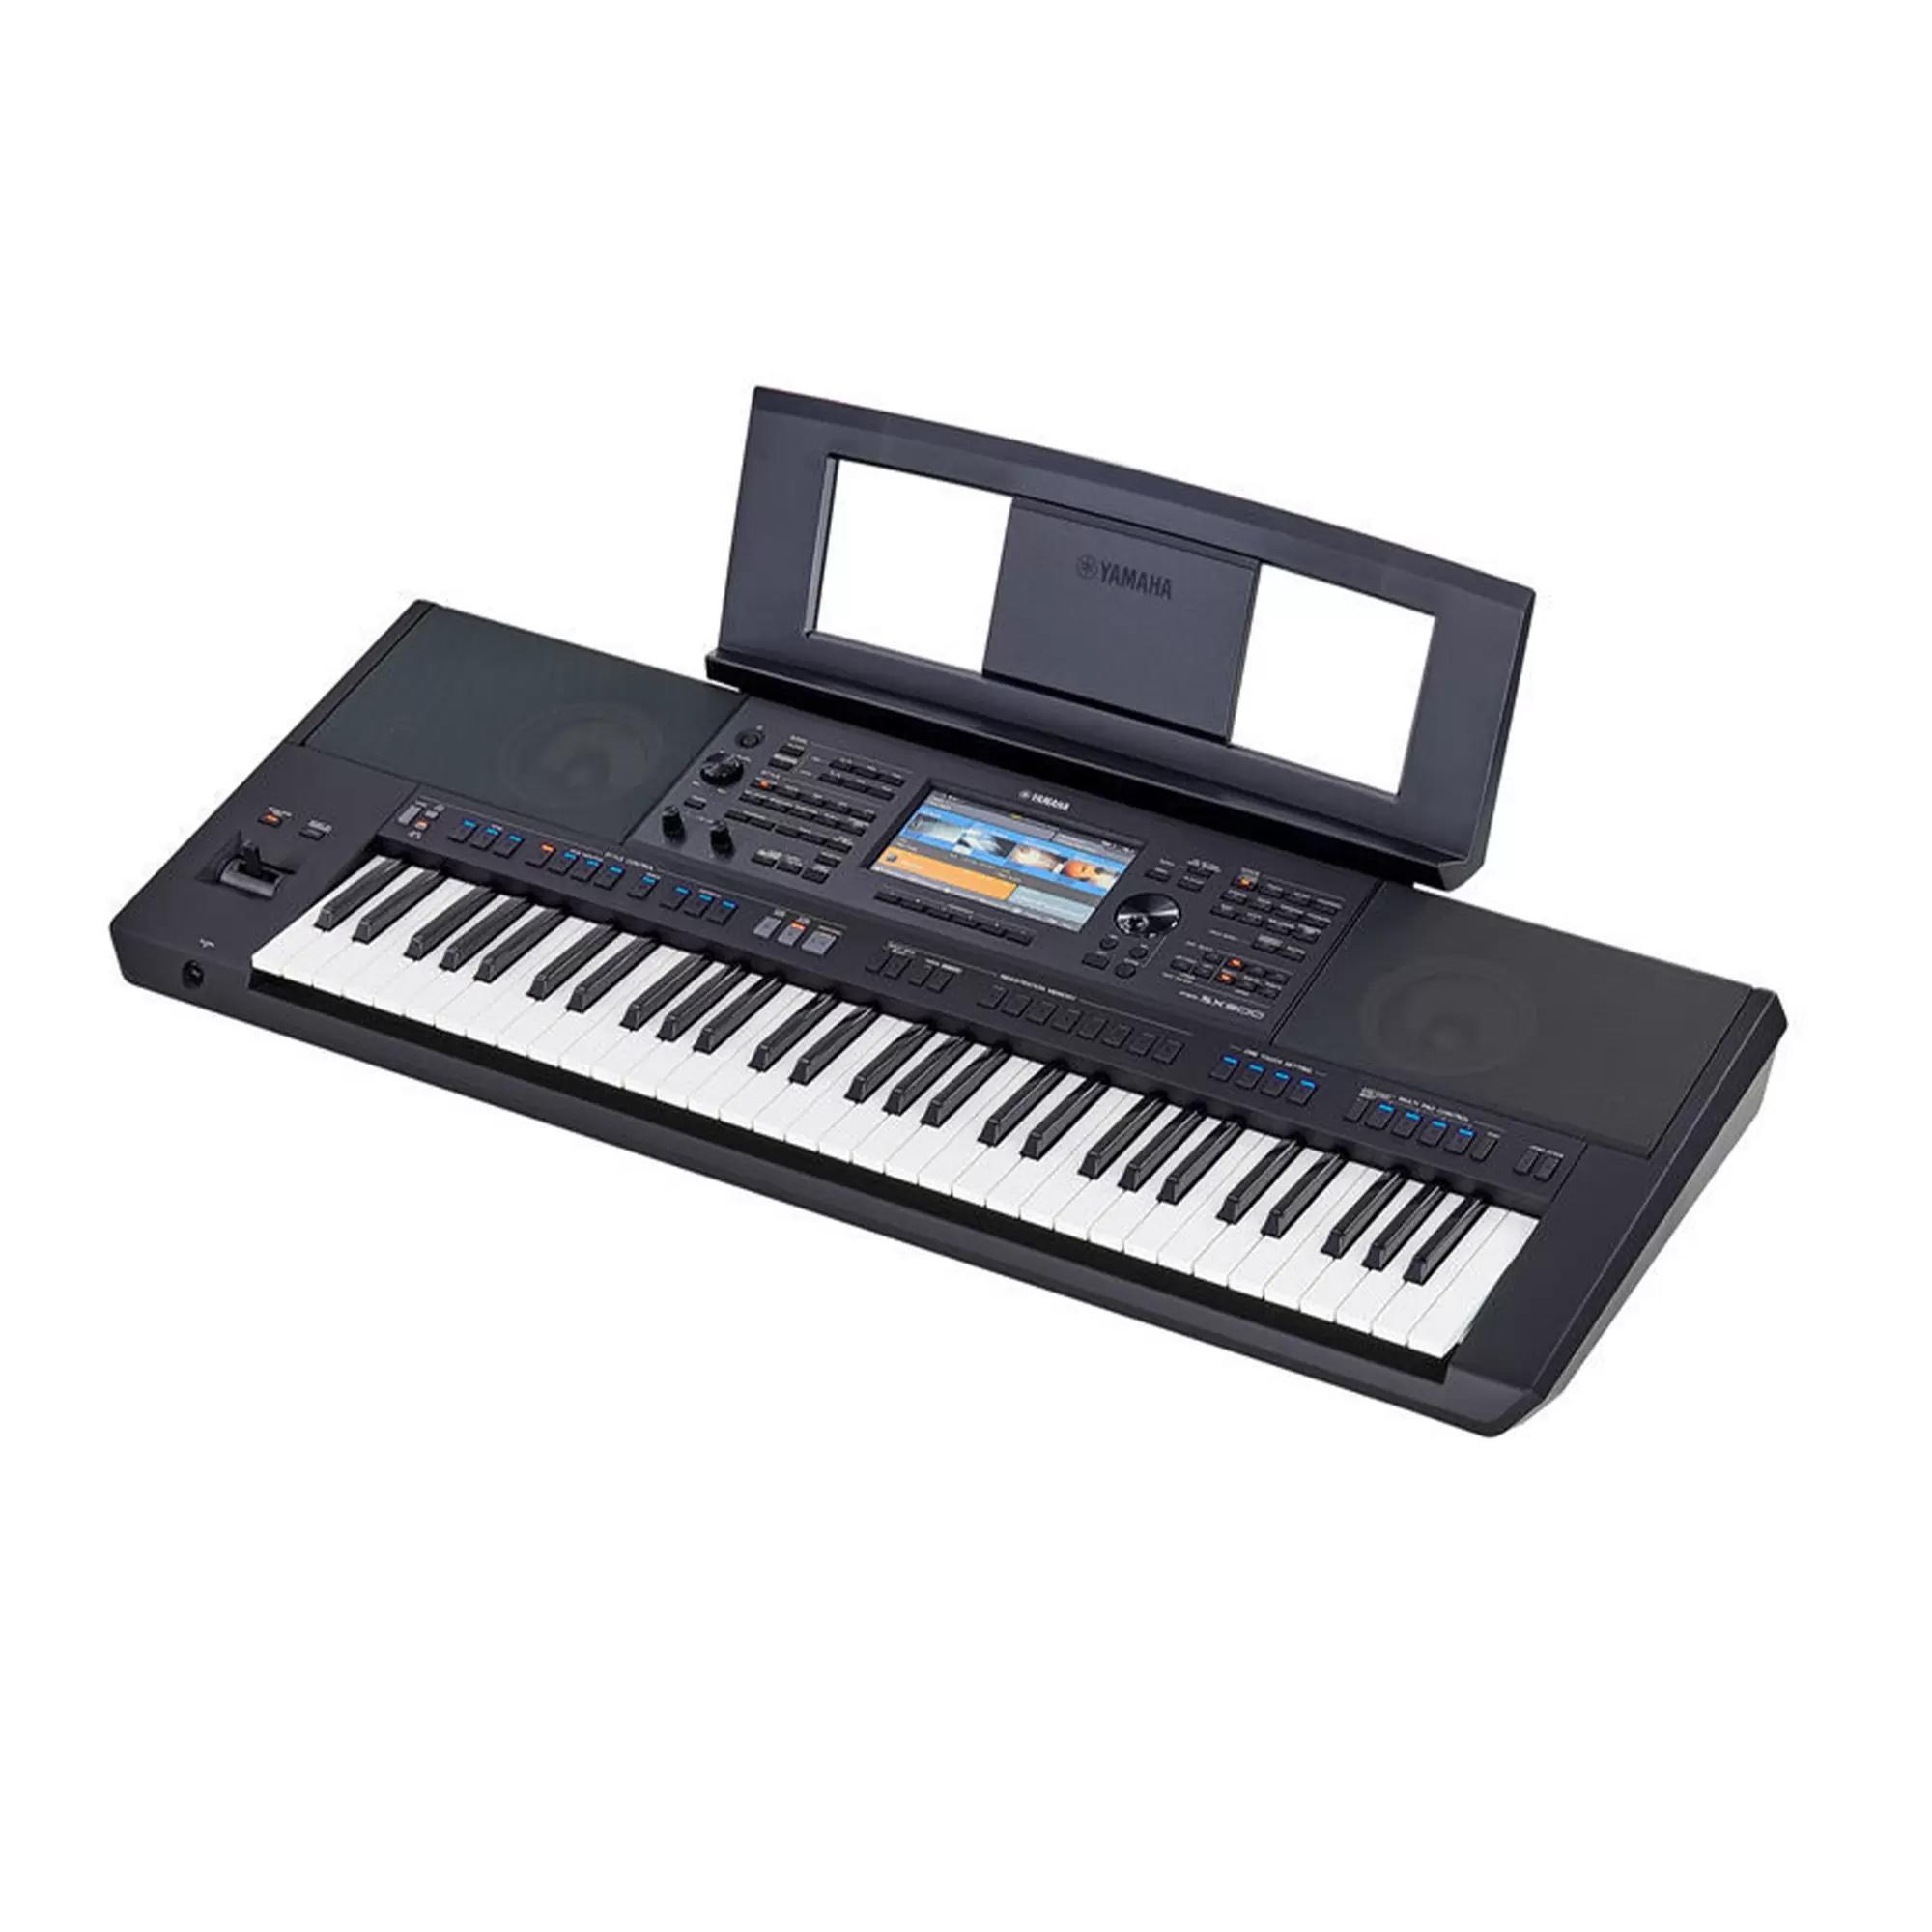 Yamaha PSR SX-900 Portable Arranger Keyboard 61 Keys